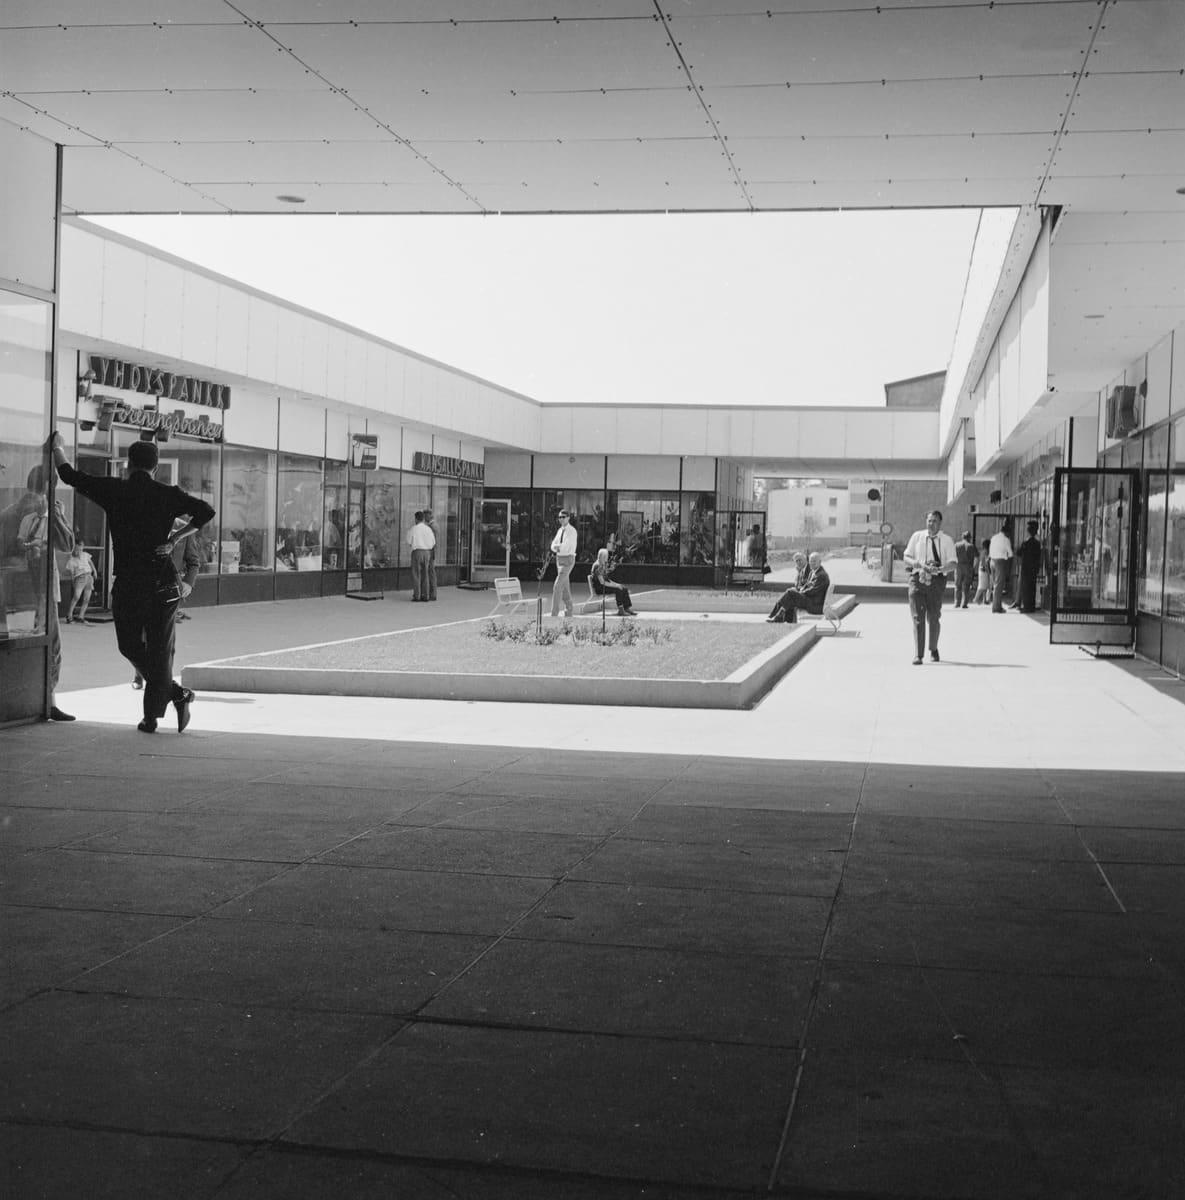 Puotilan ostoskeskus, kuvaaja Teuvo Kanerva 1960-luvulla